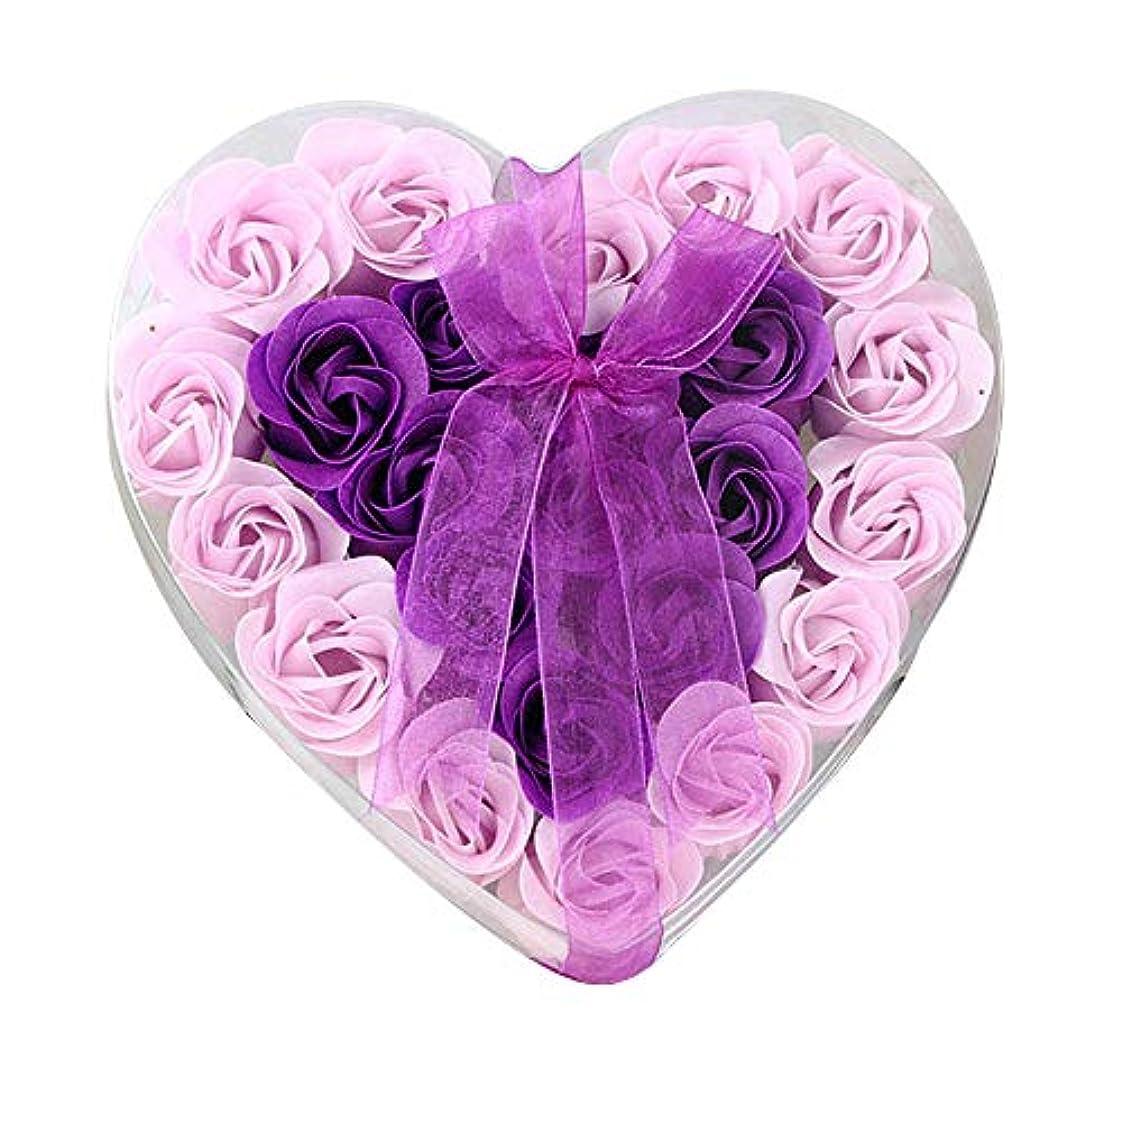 チートグラス配偶者24個の手作りのローズ香りのバスソープの花びら香りのバスソープは、ギフトボックスの花びらをバラ (色 : 紫の)